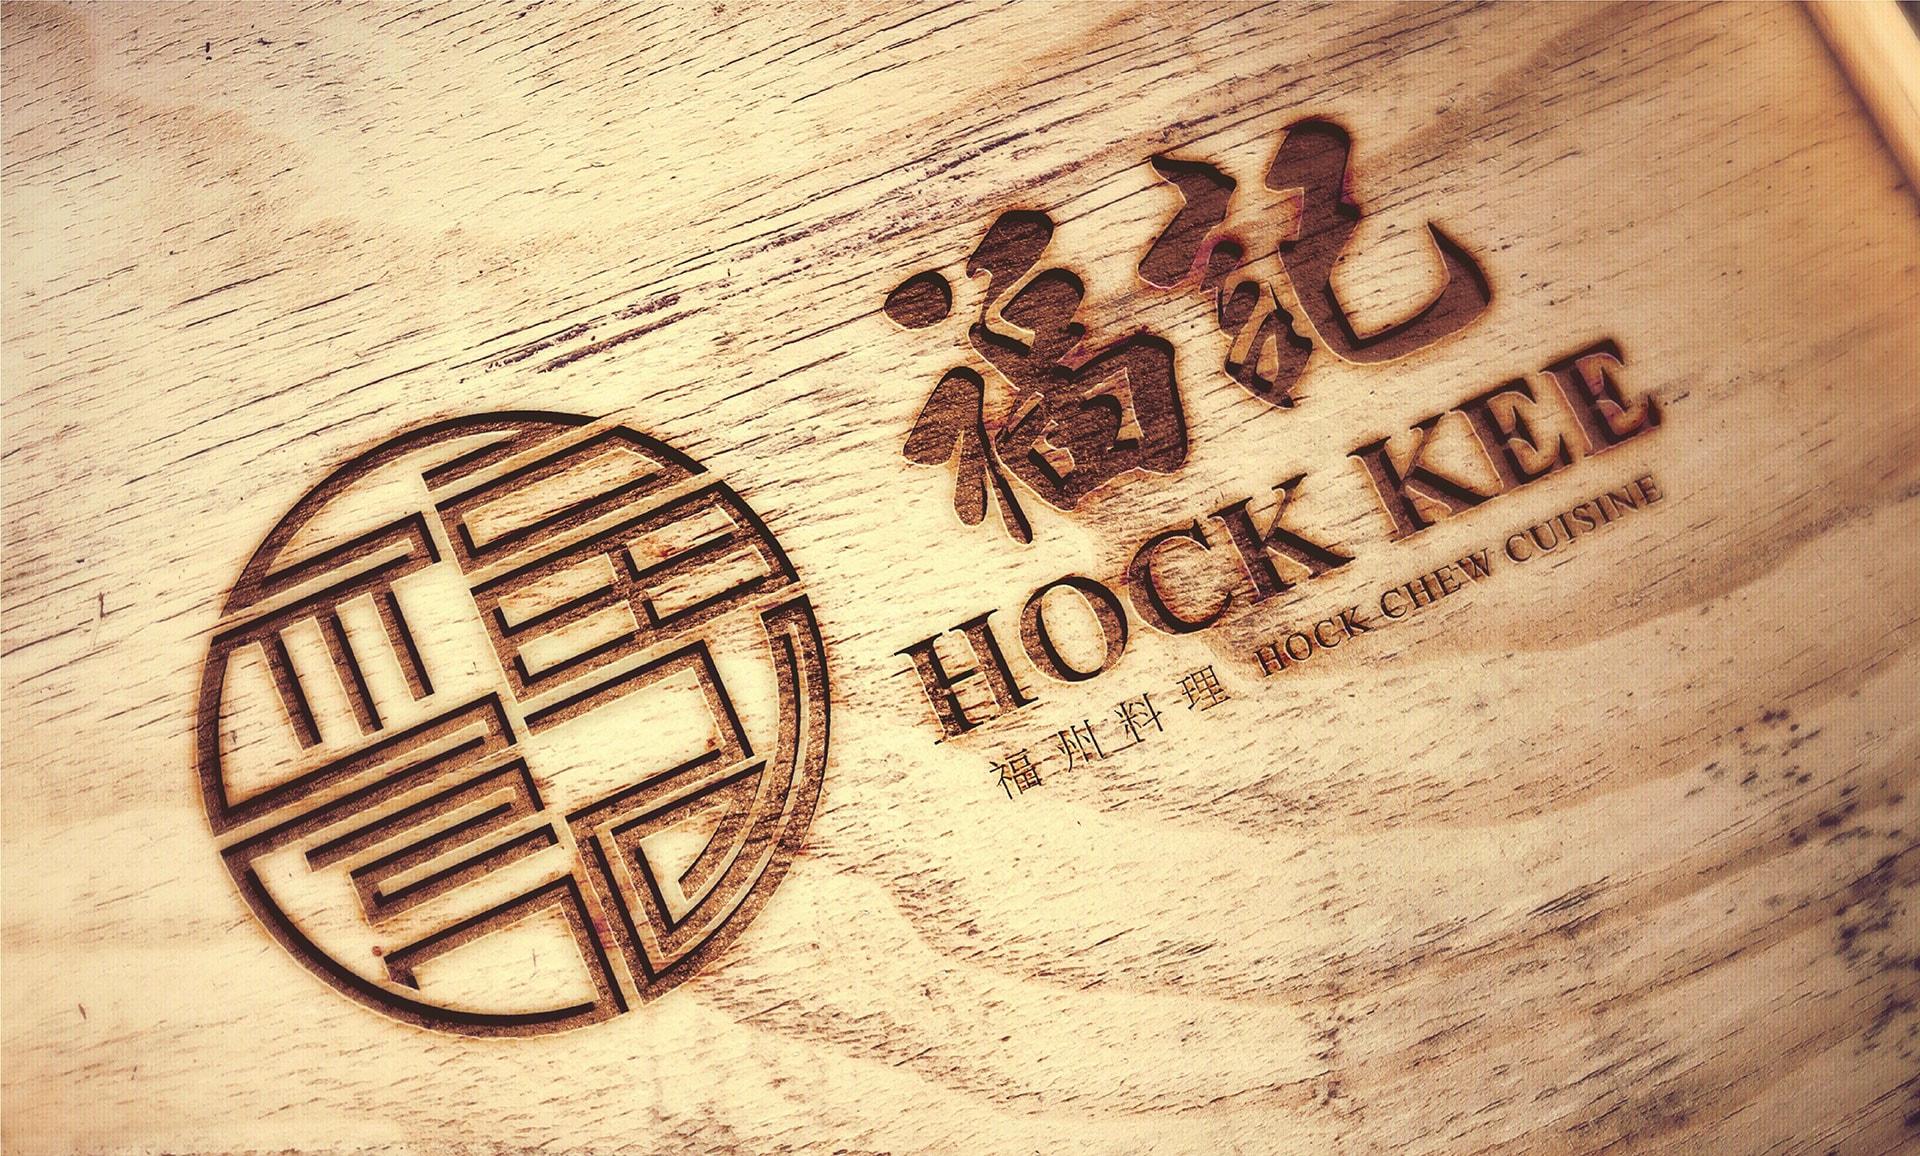 Hock Kee